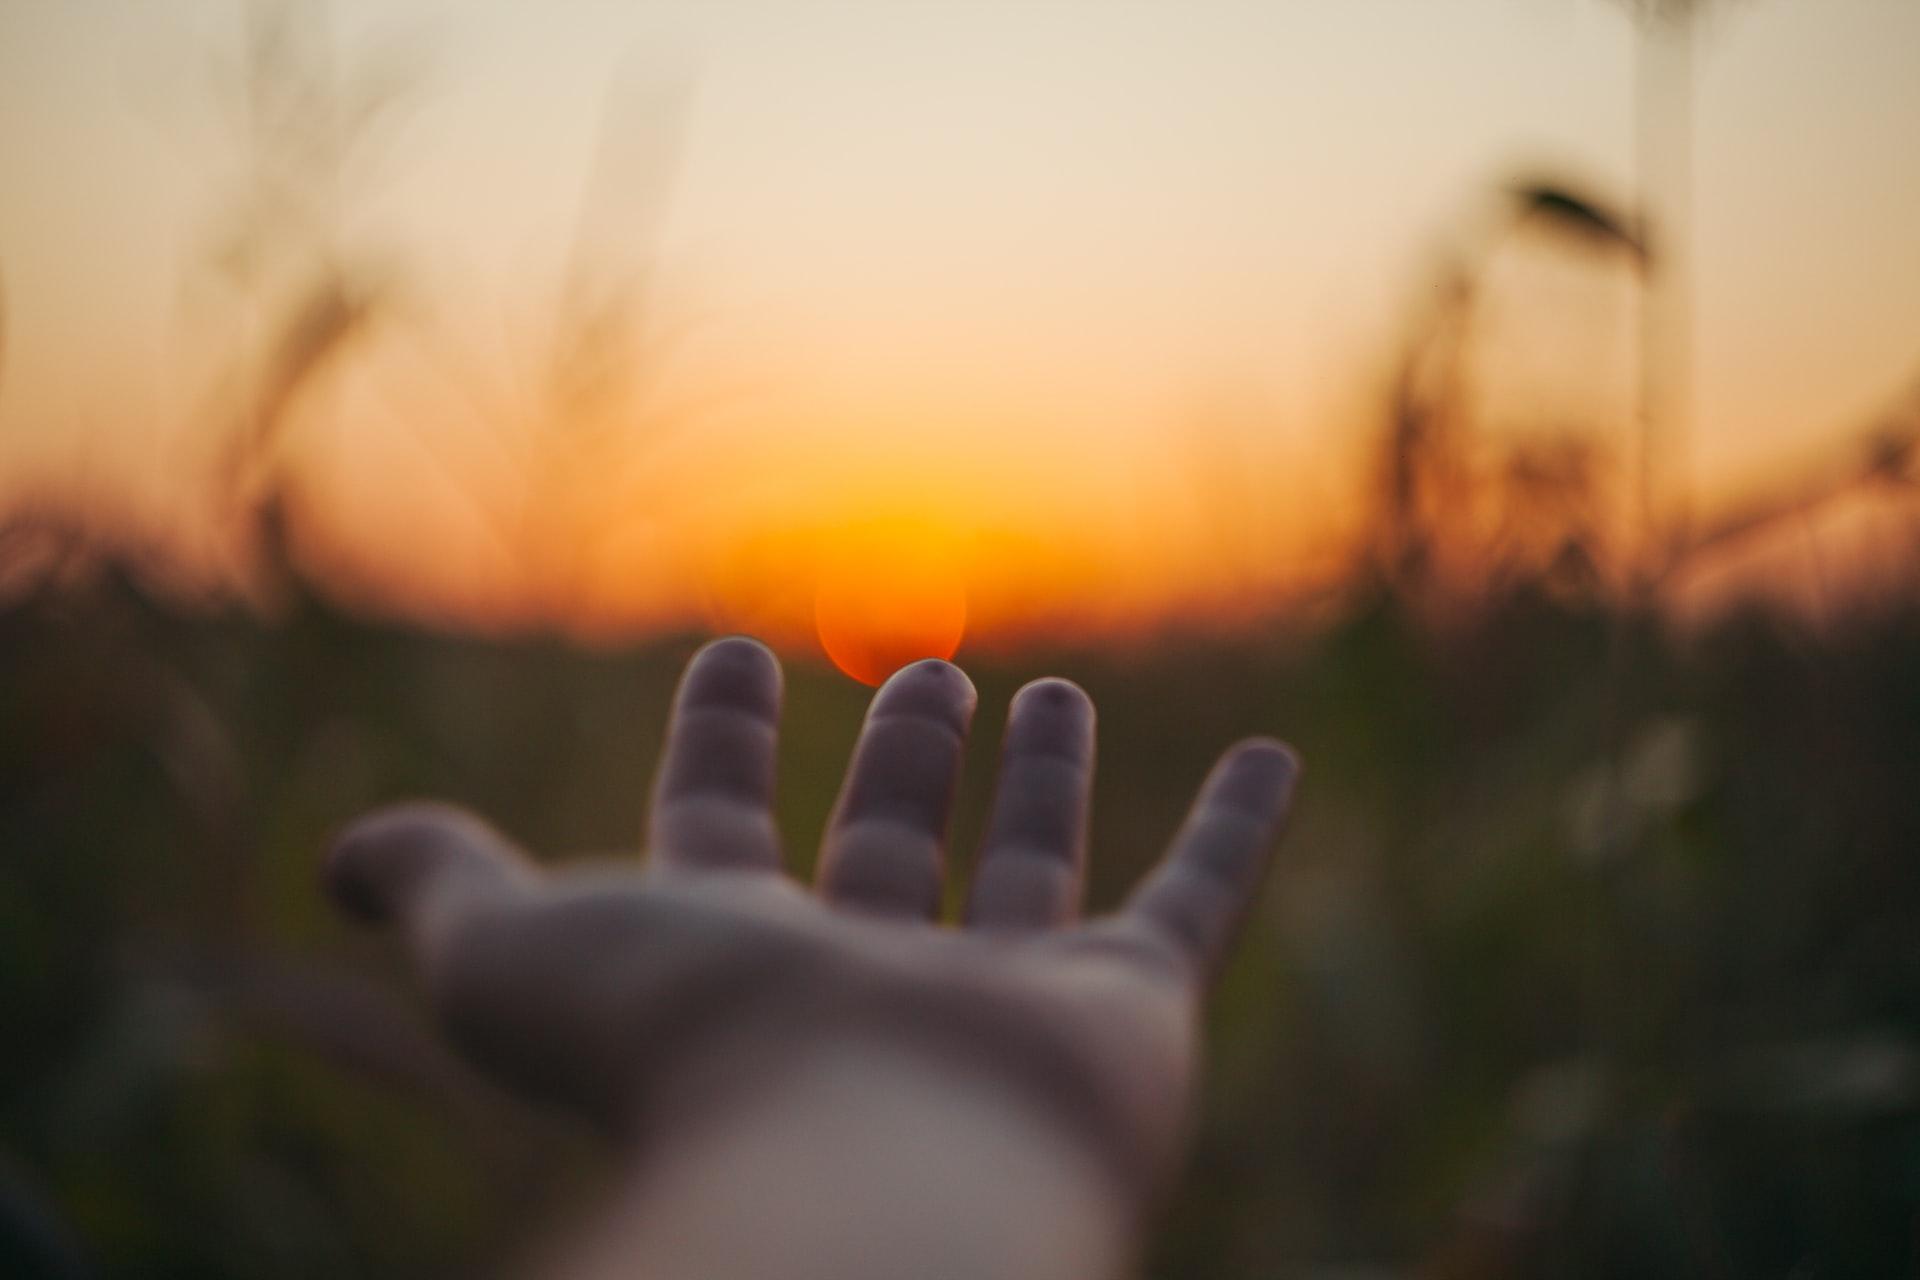 Mão estendida em fundo de paisagem, um convite para dar as mãos, confiar.